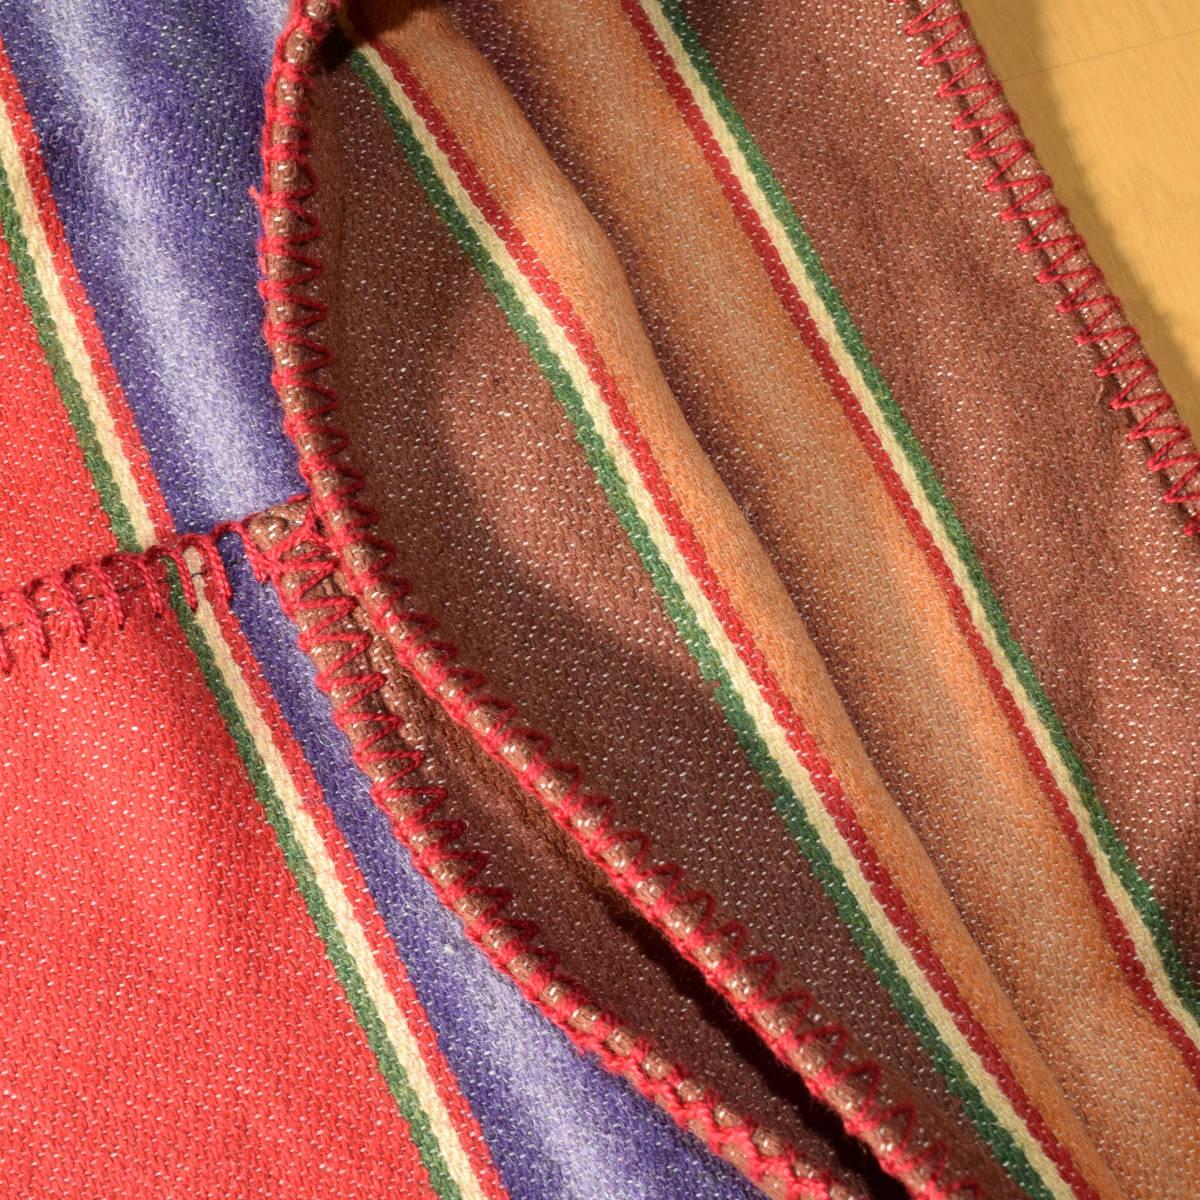 美品!USA製 ポロカントリー ネイティブ柄 ブランケット S ラグ ロング 巻きスカート コンチョ付 古着 ナバホ インディアン ビンテージ_画像5